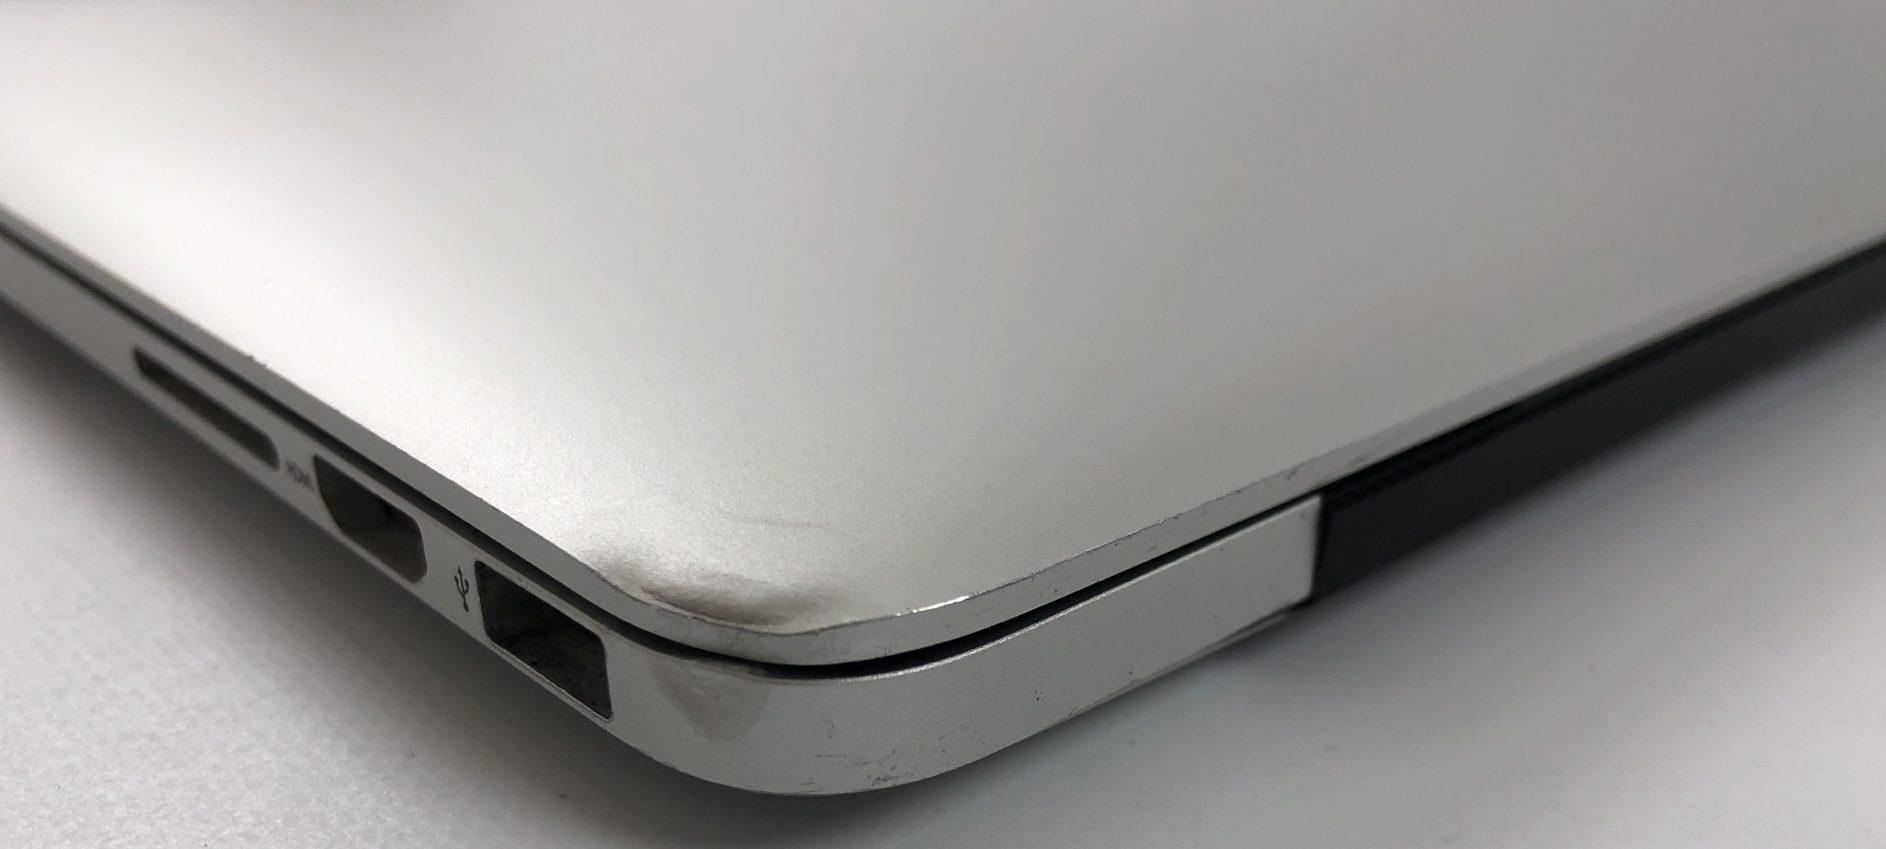 """MacBook Pro Retina 15"""" Mid 2015 (Intel Quad-Core i7 2.5 GHz 16 GB RAM 512 GB SSD), Intel Quad-Core i7 2.5 GHz, 16 GB RAM, 512 GB SSD, Afbeelding 6"""